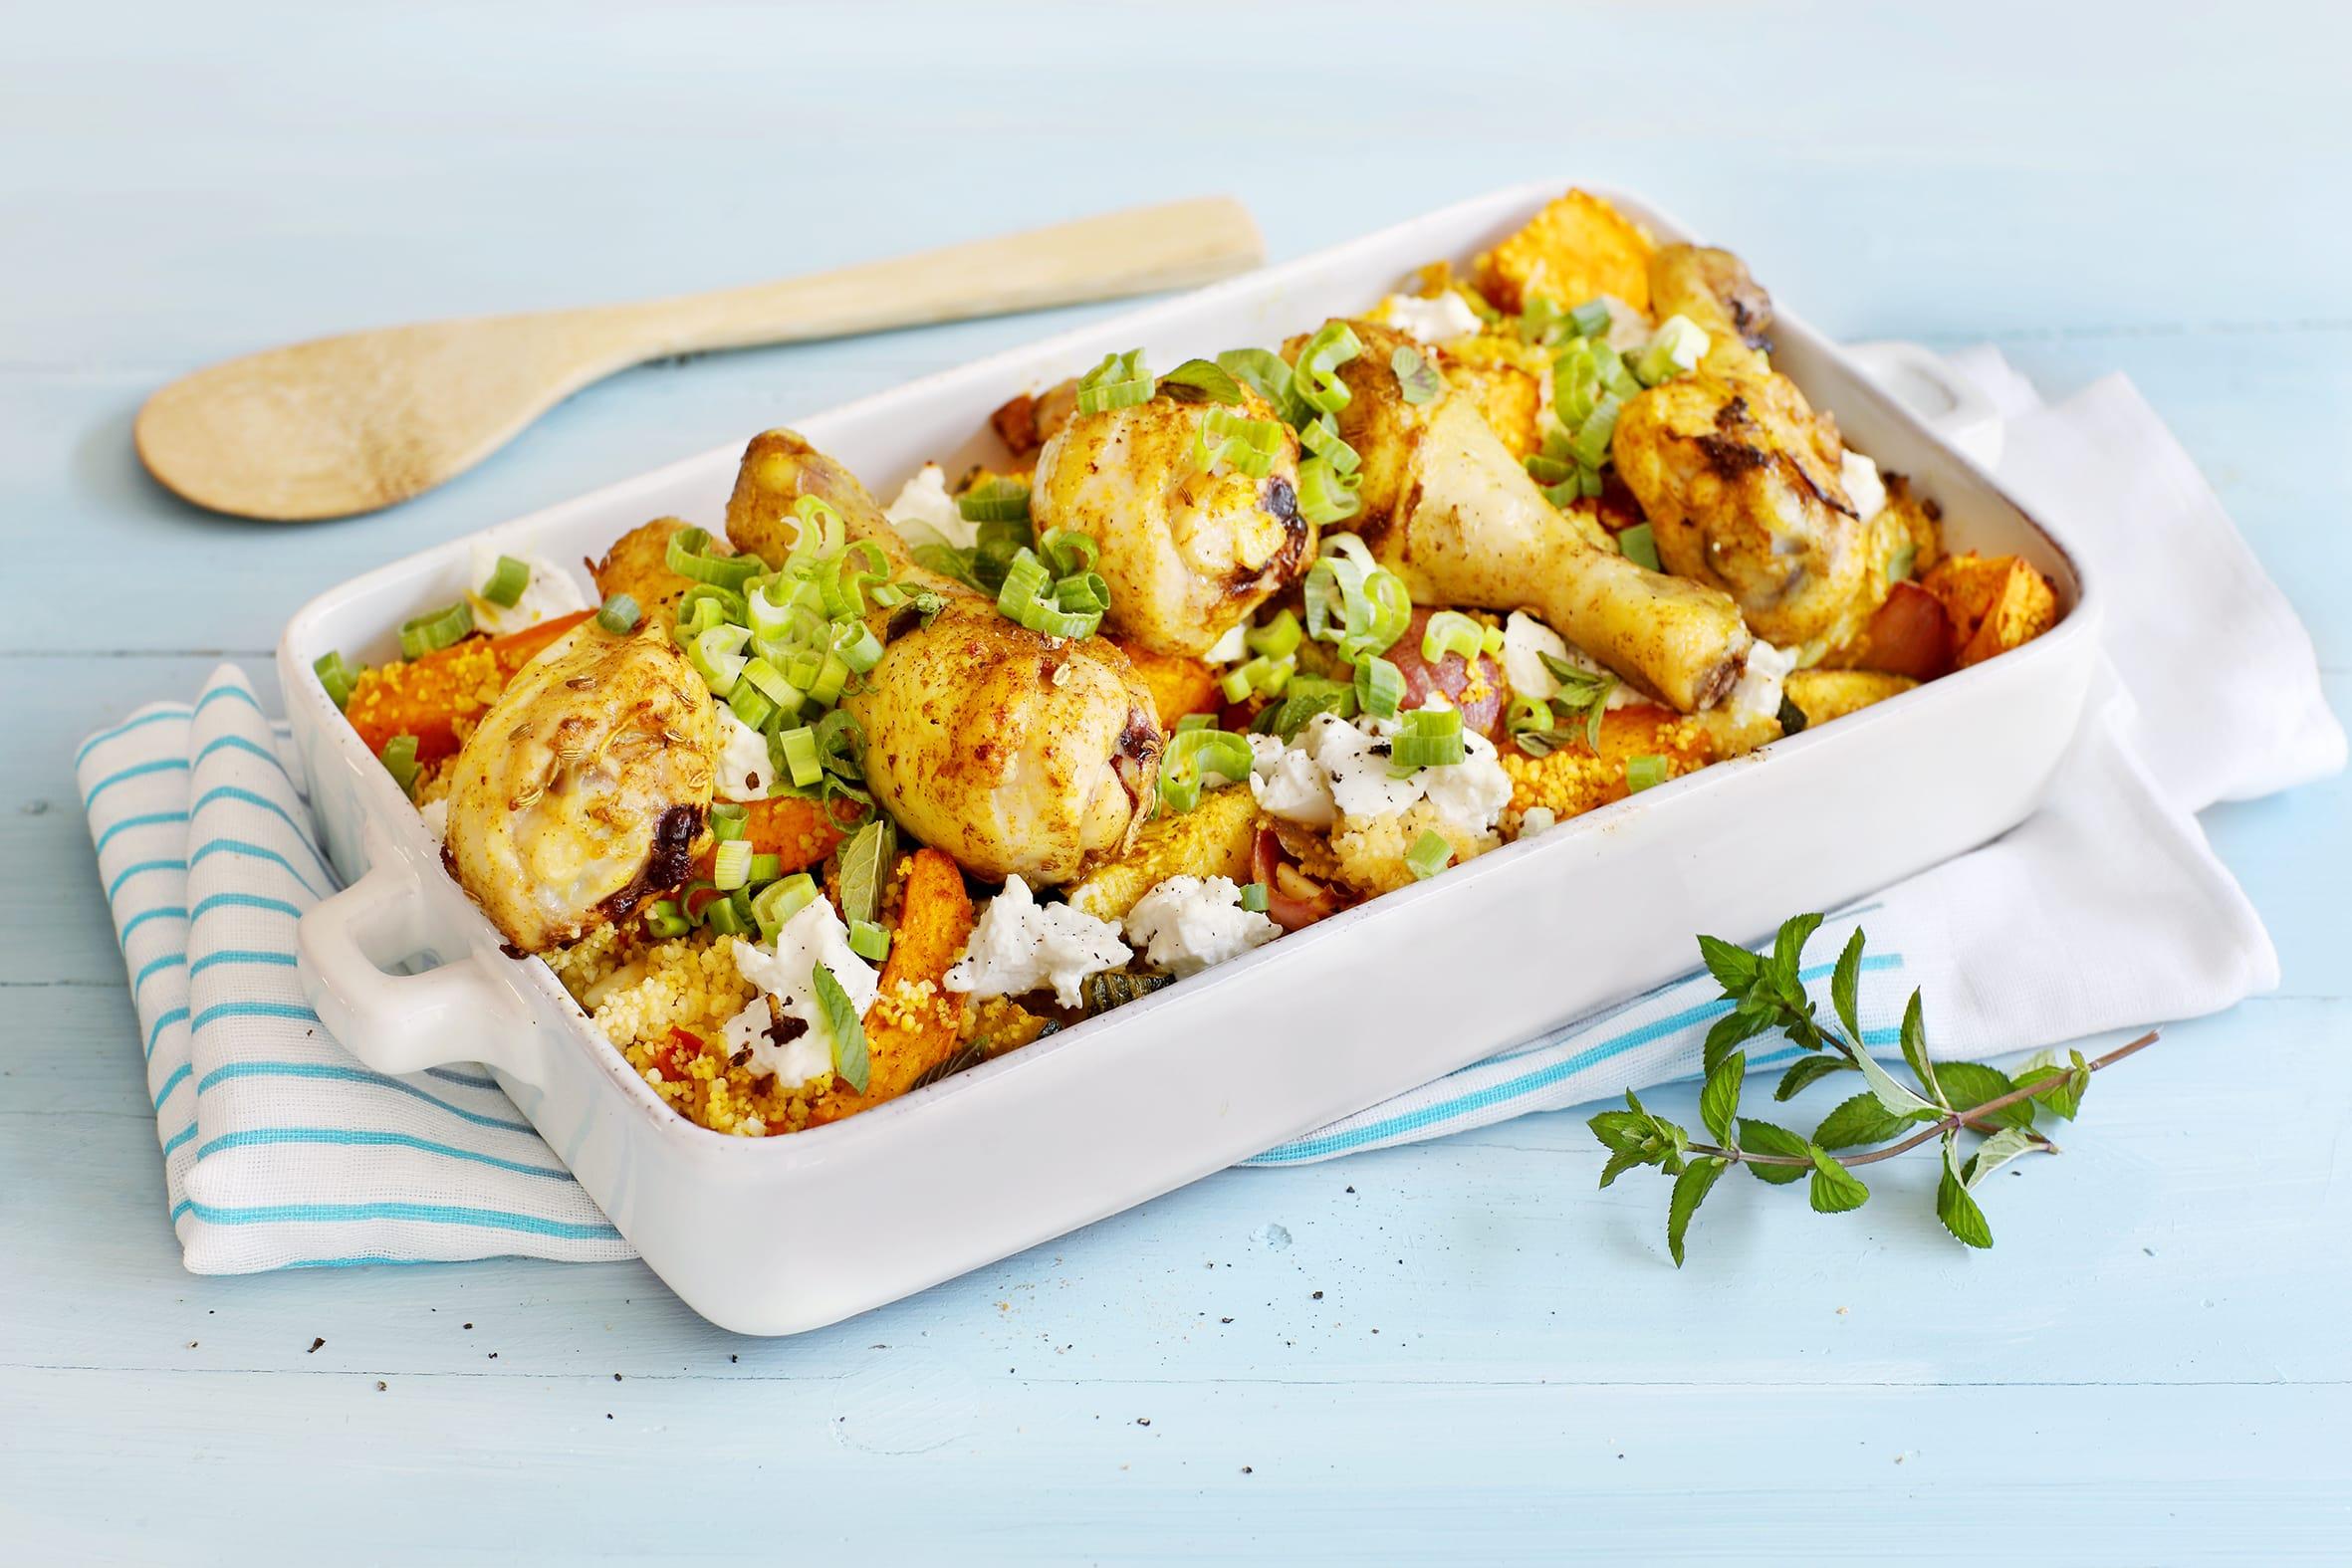 Couscous-Auflauf mit Gemüse und Poulet